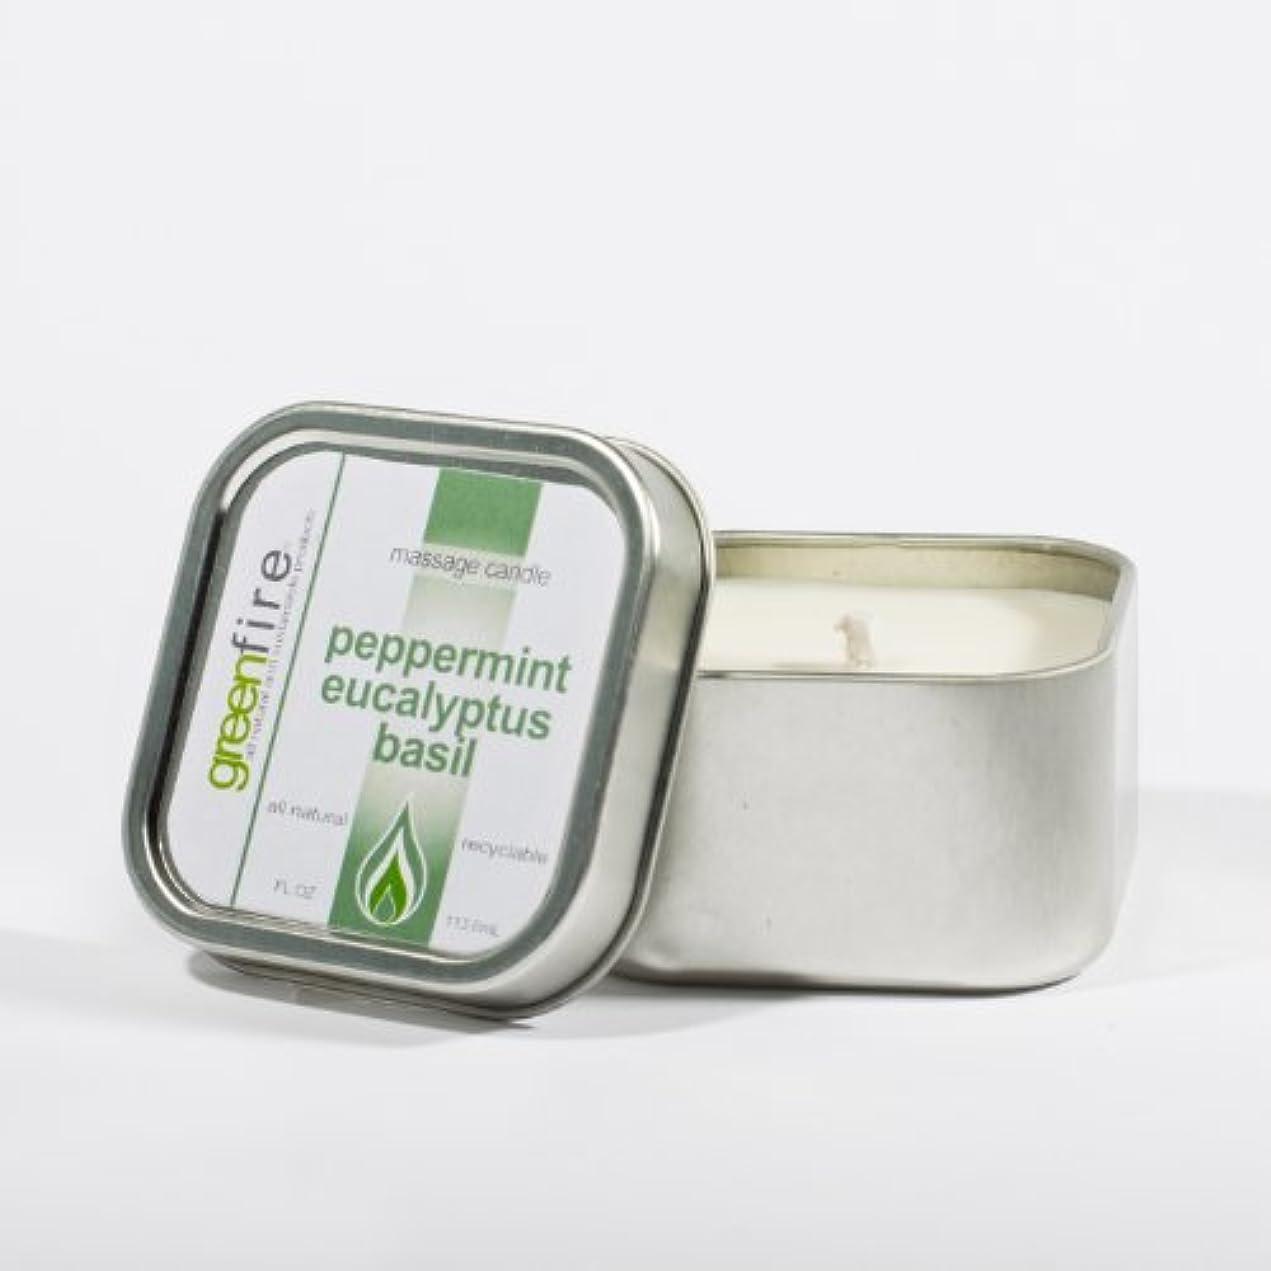 フリンジ反毒近代化グリーンファイヤーマッサージキャンドル ペパーミント?ユーカリ?バジルの香り(サイズ:118.3mL)